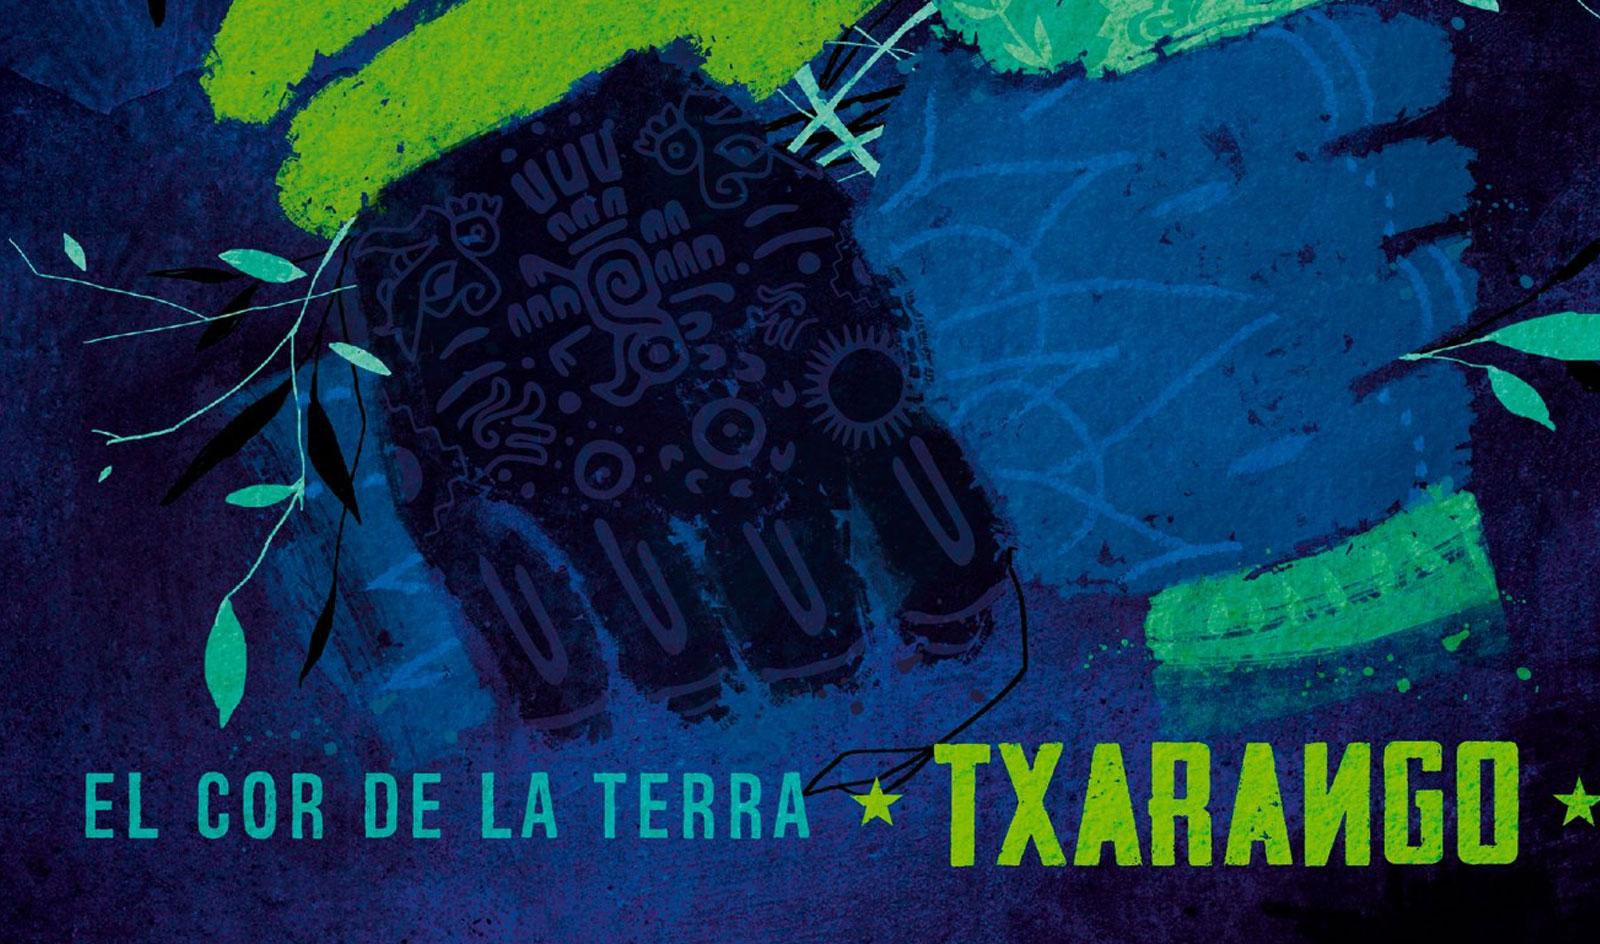 Txarango comparteix el cor de la terra